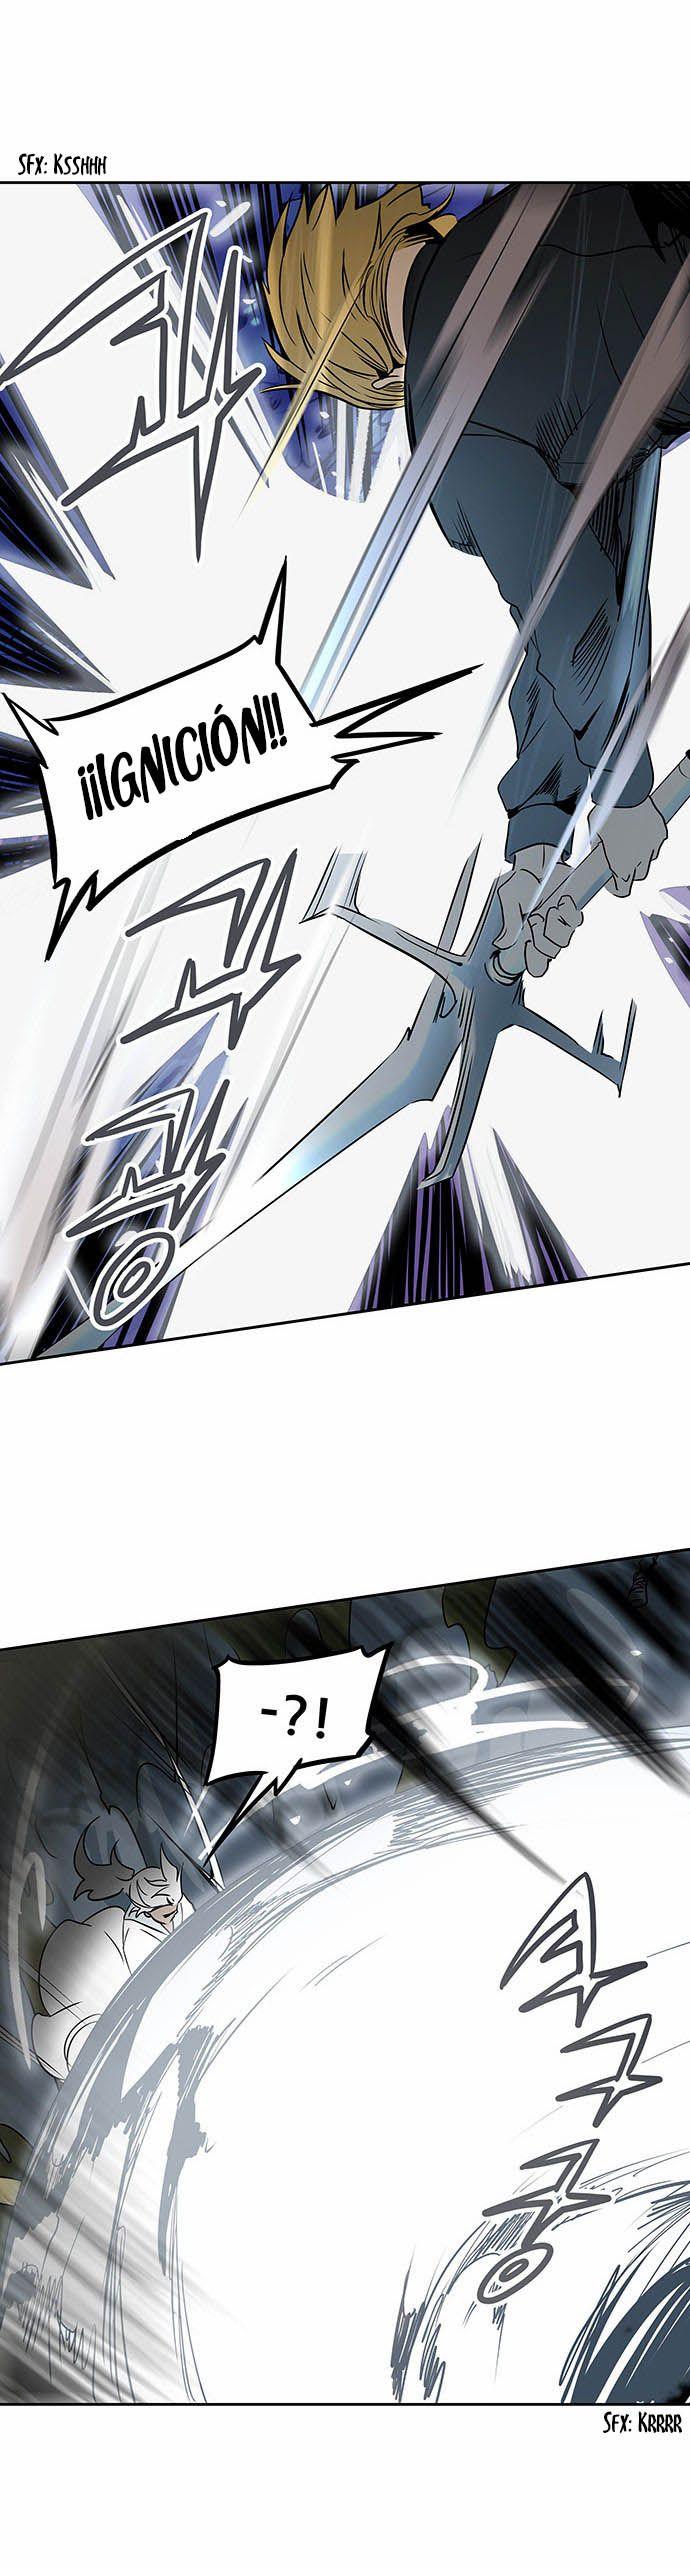 https://c5.ninemanga.com/es_manga/21/149/484809/f9eb83cdf5b2804e46b16e99e4552d19.jpg Page 21